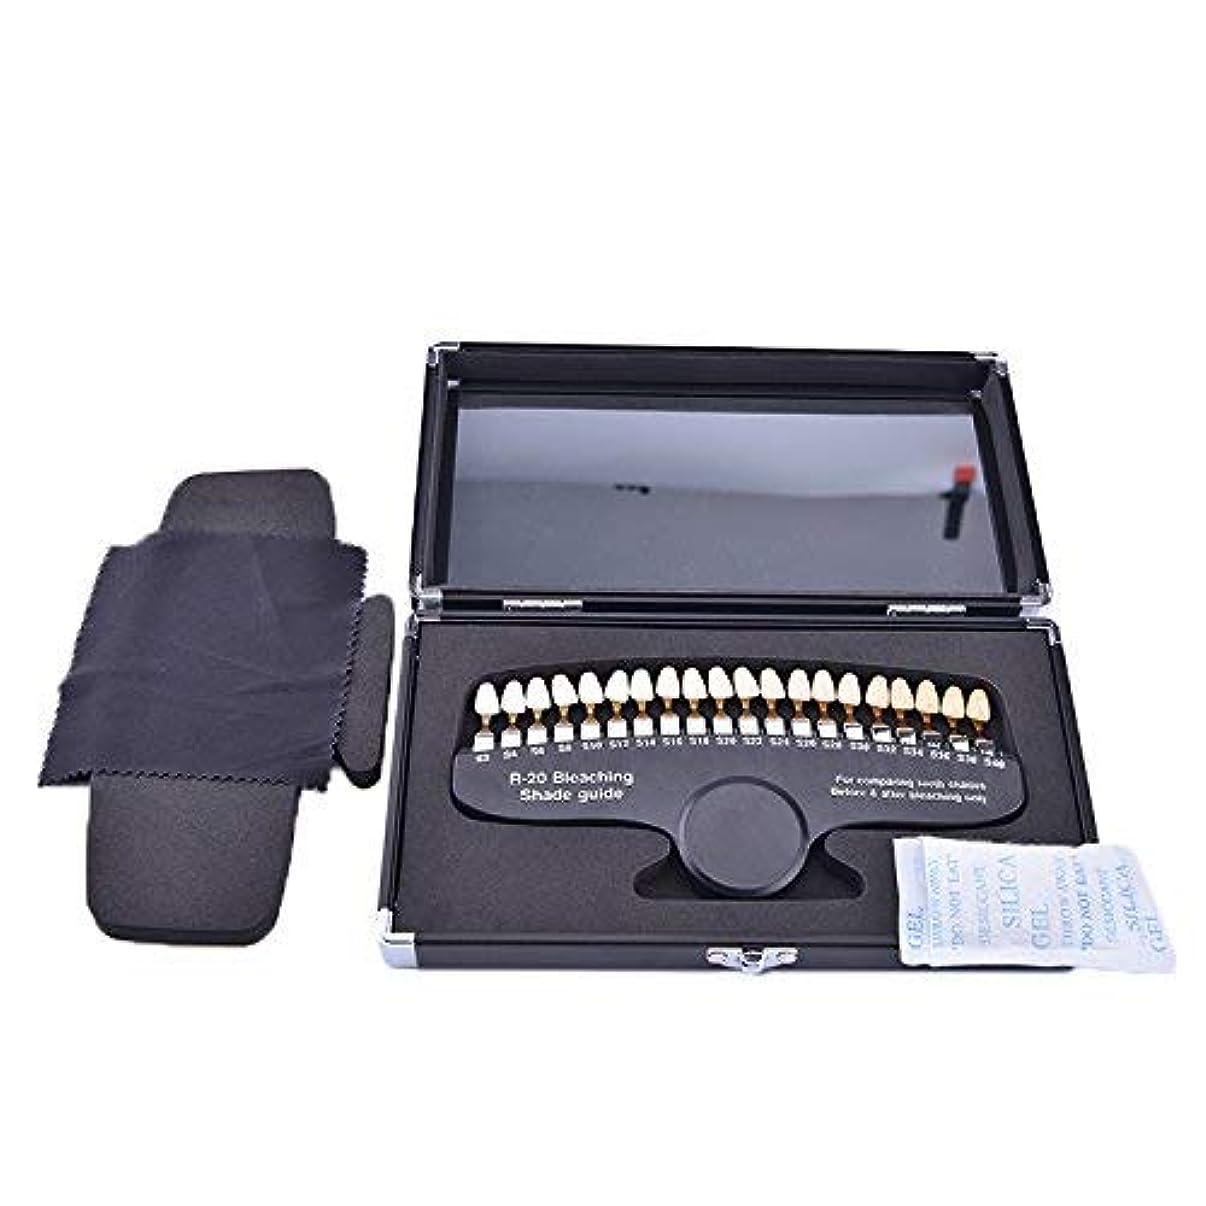 超越する亜熱帯光デンタル ホワイトニング シェード ガイドー 20色デンタル専用抜ける歯列模型ボード 鏡付き